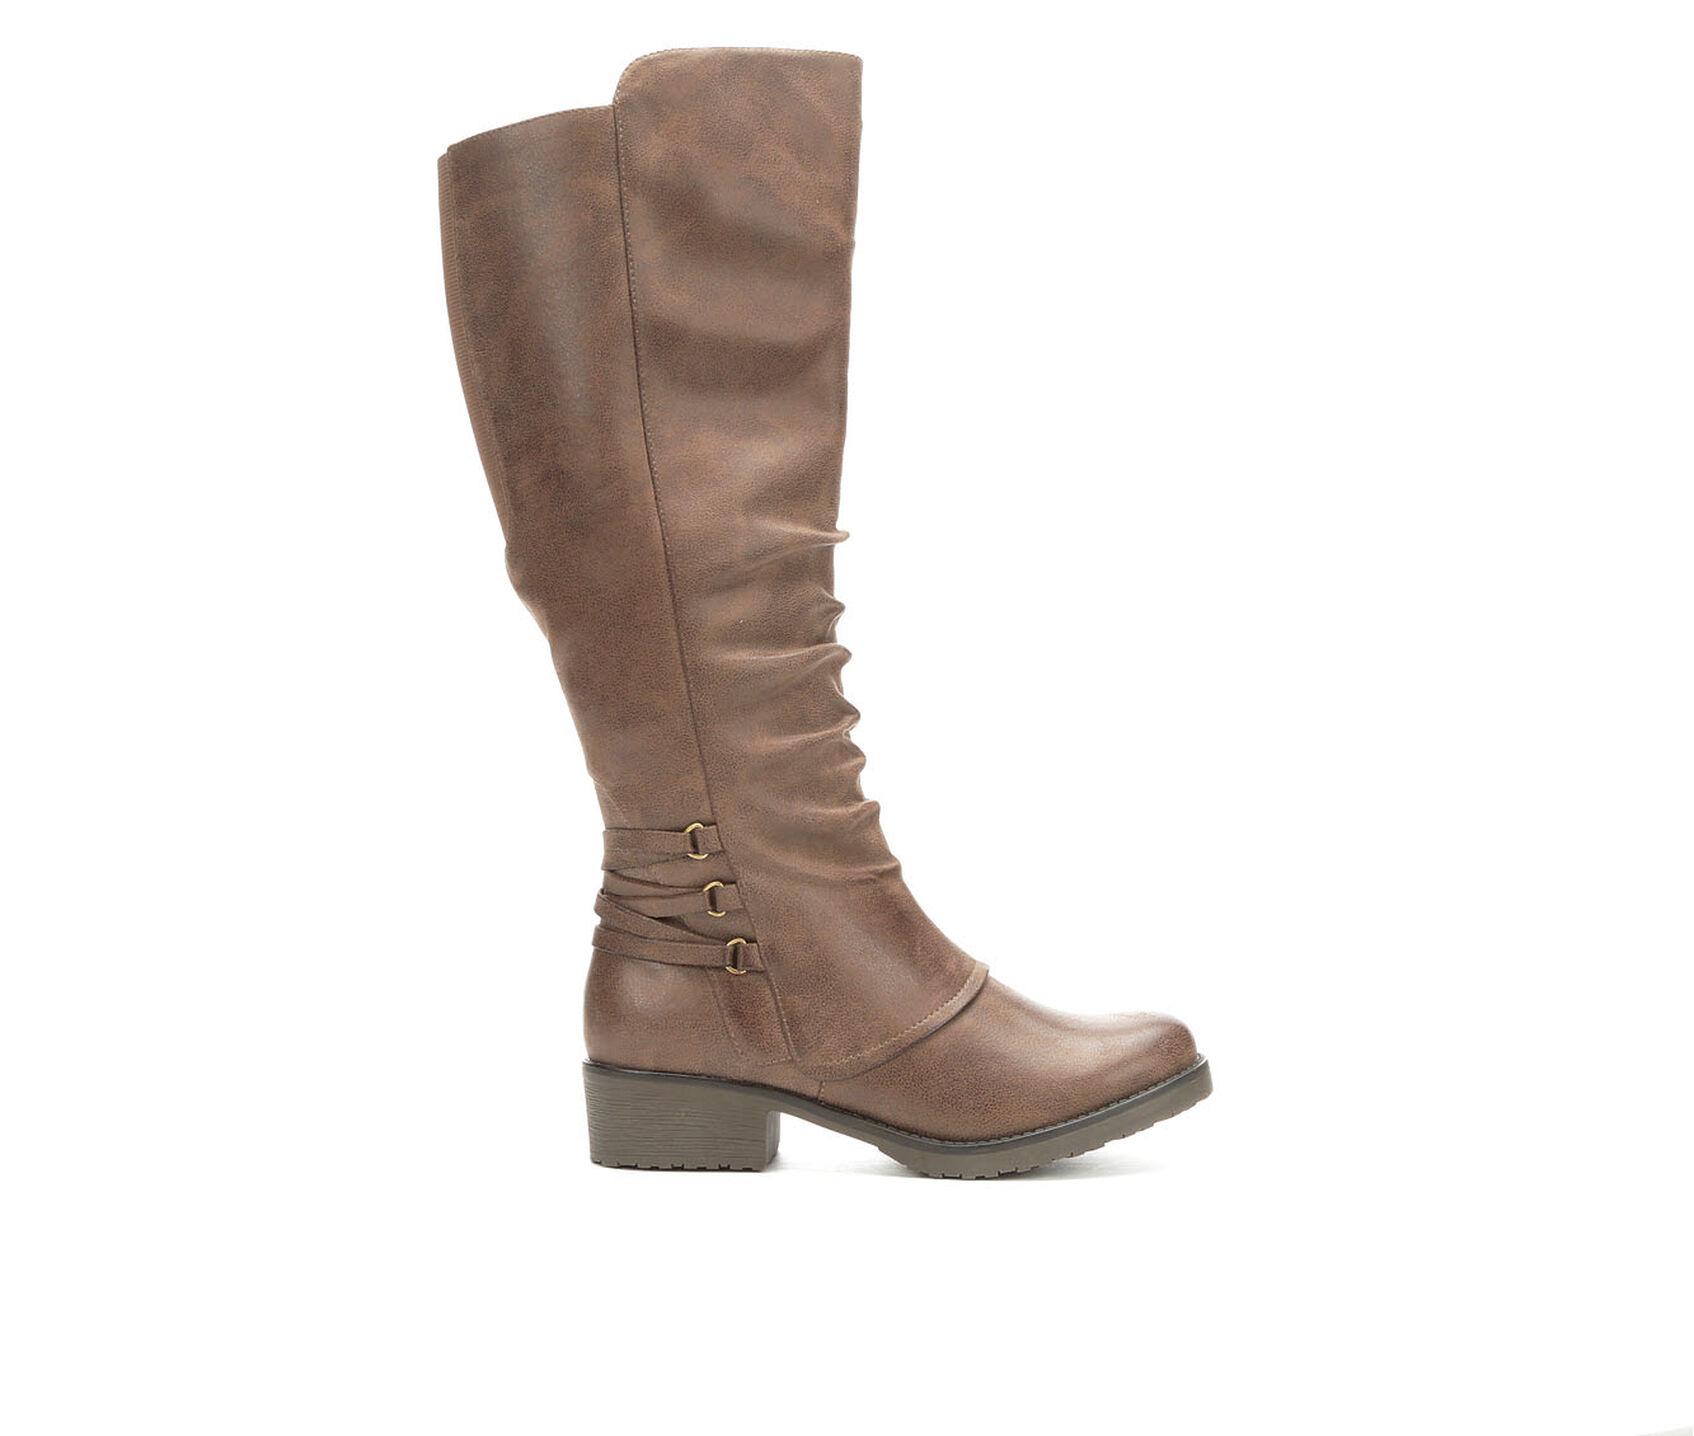 ... BareTraps Orden Riding Boots. Carousel Controls d055b16d8